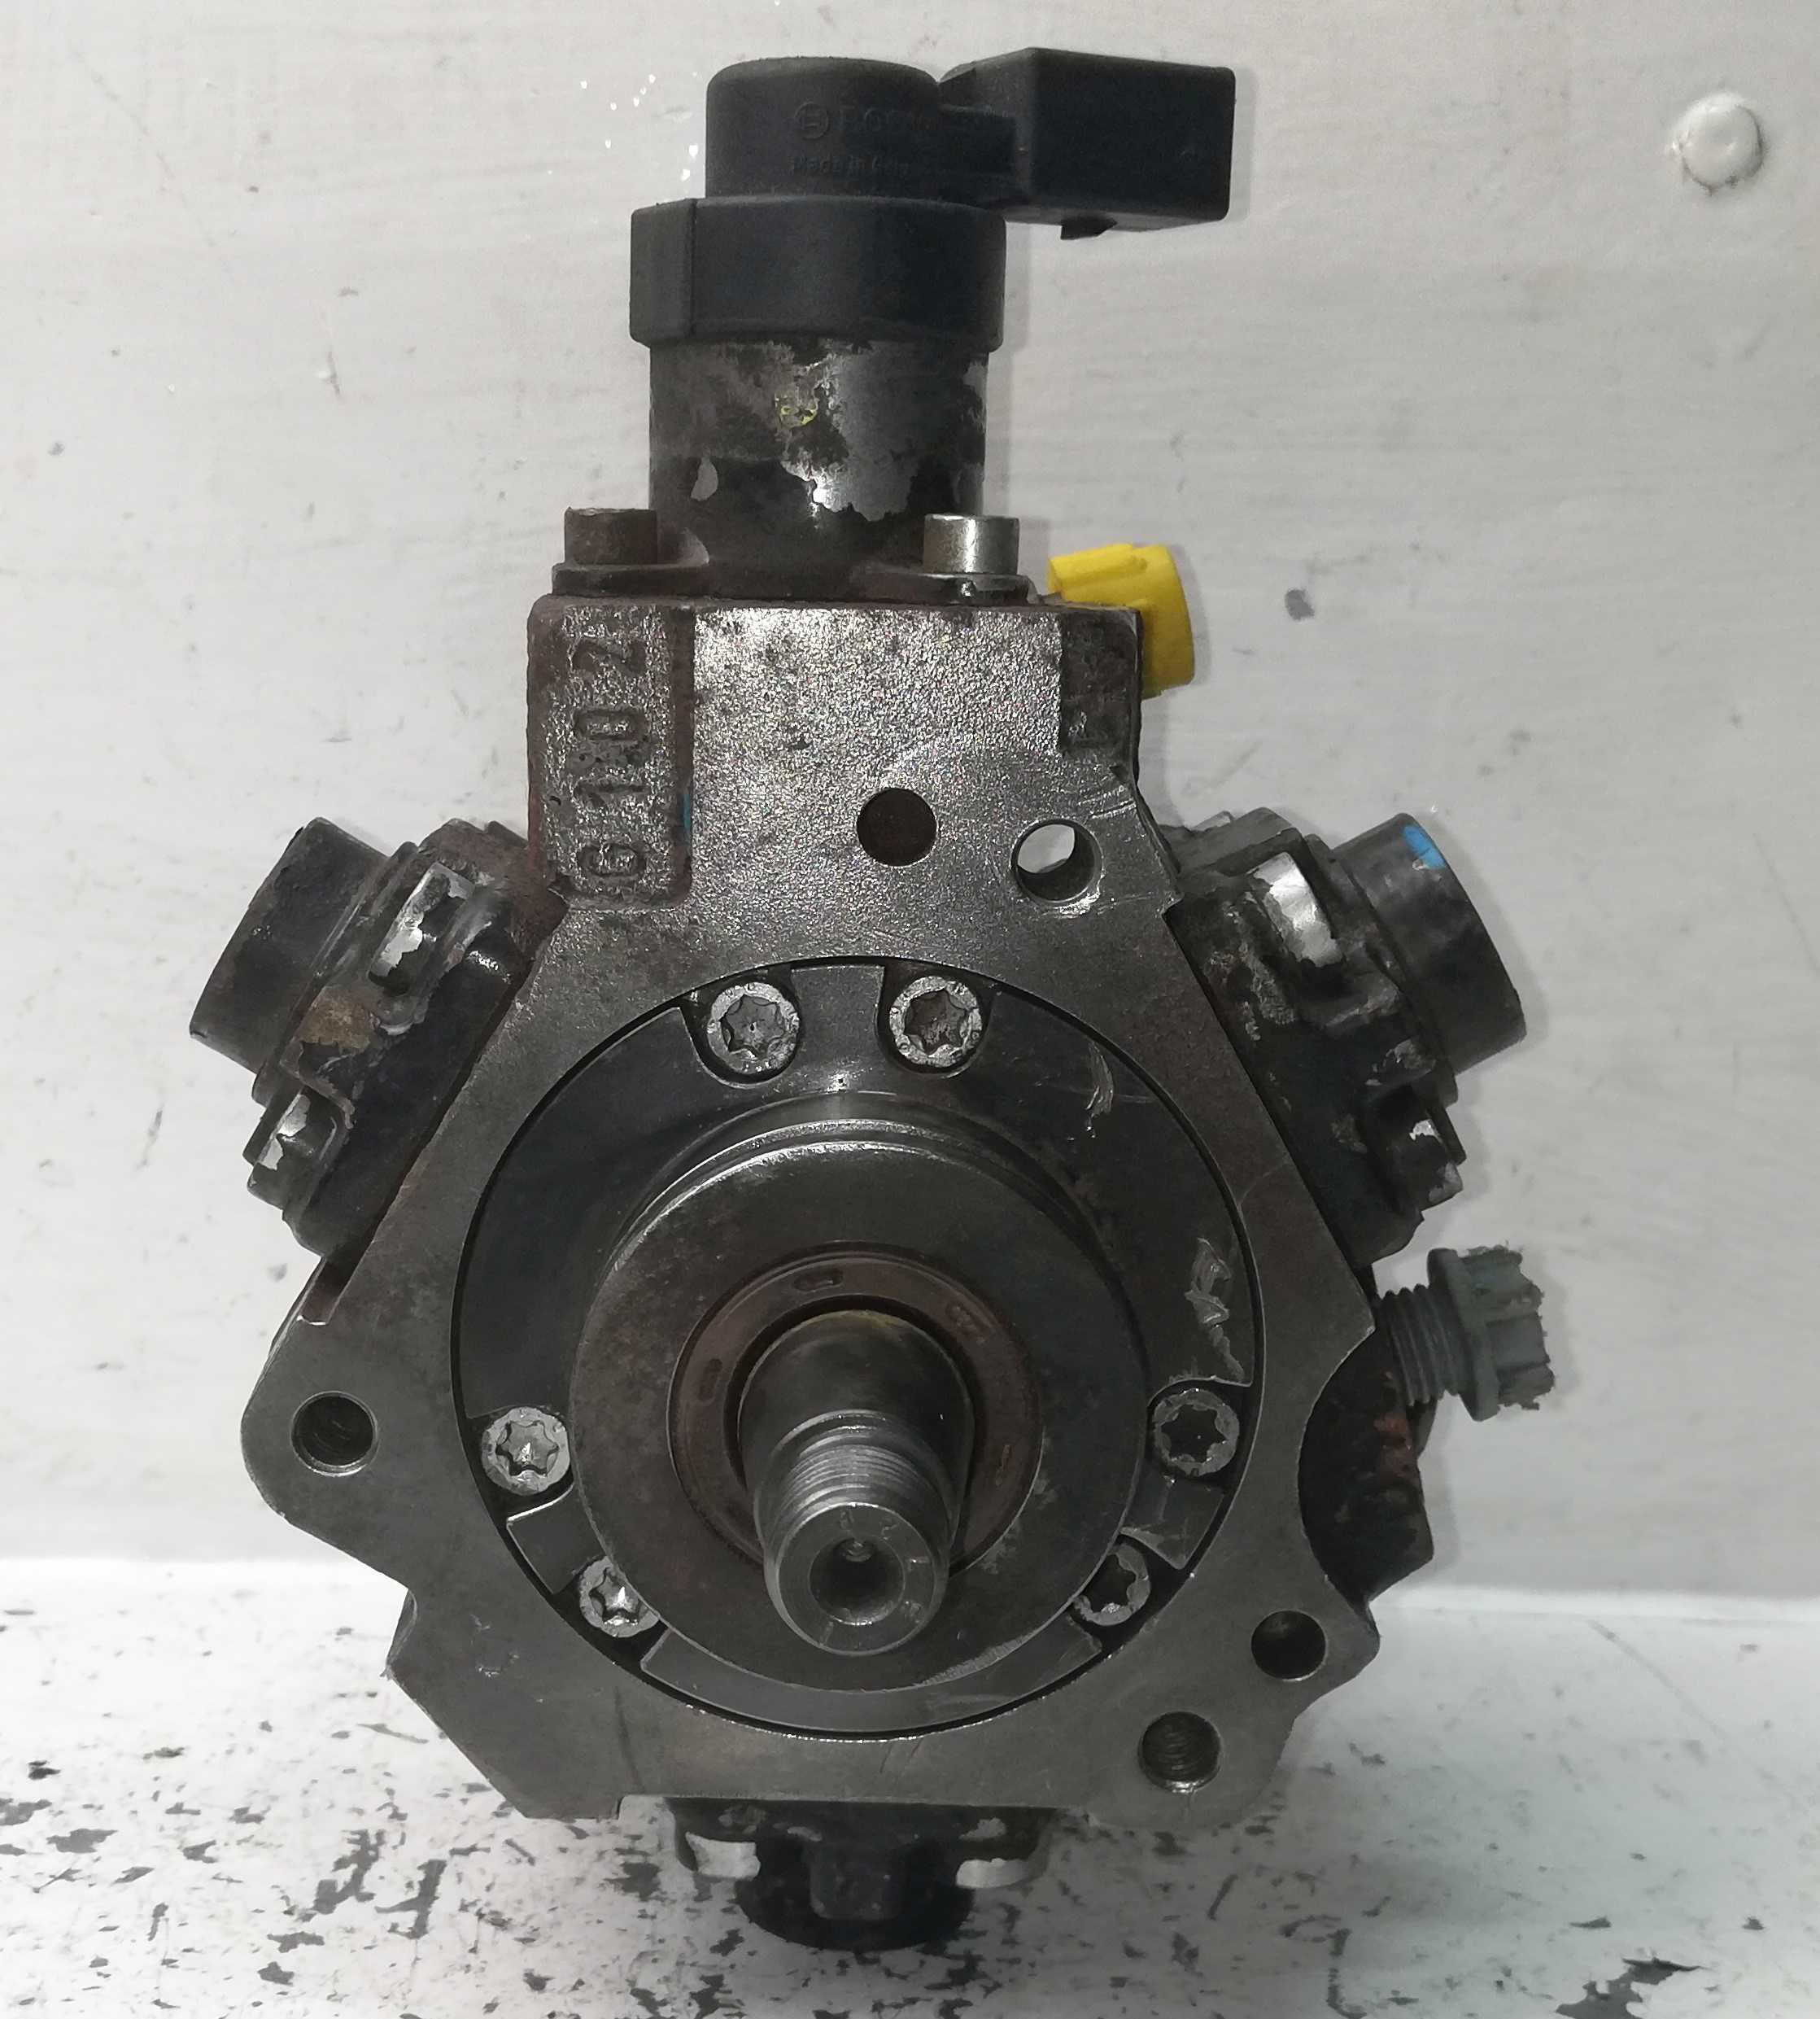 Sprawdzona Pompa Wtryskowa Audi 2.7 3.0 TDI 0445010154